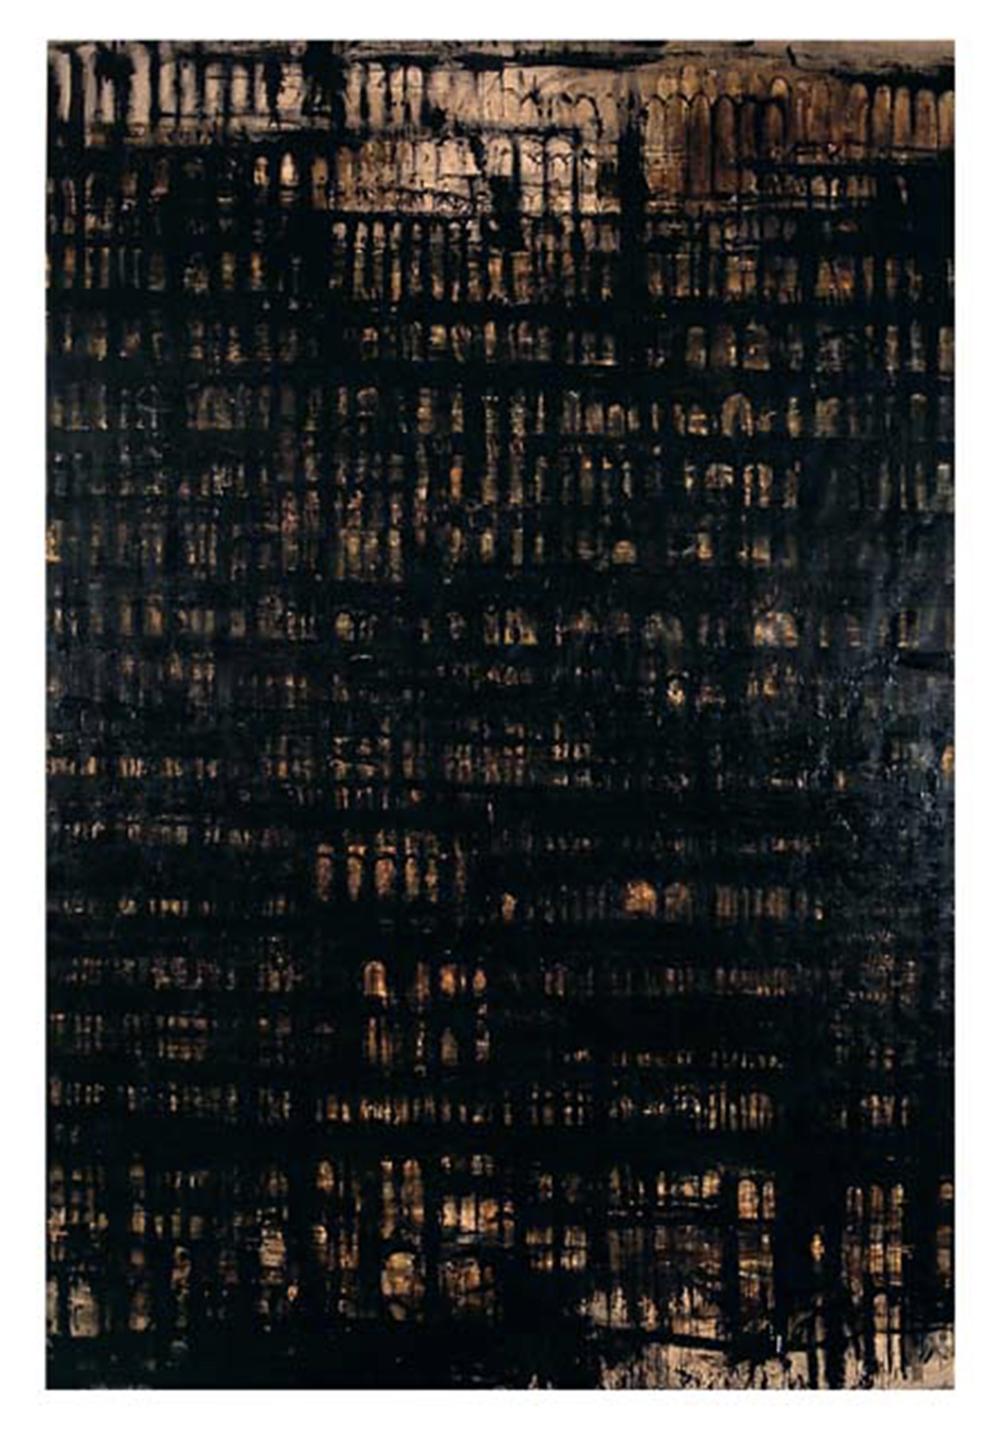 Cattedrale, 2004, olio su tela, cm 400x270 - Collez. Carisbo S. Giorgio in Poggiale, Bologna